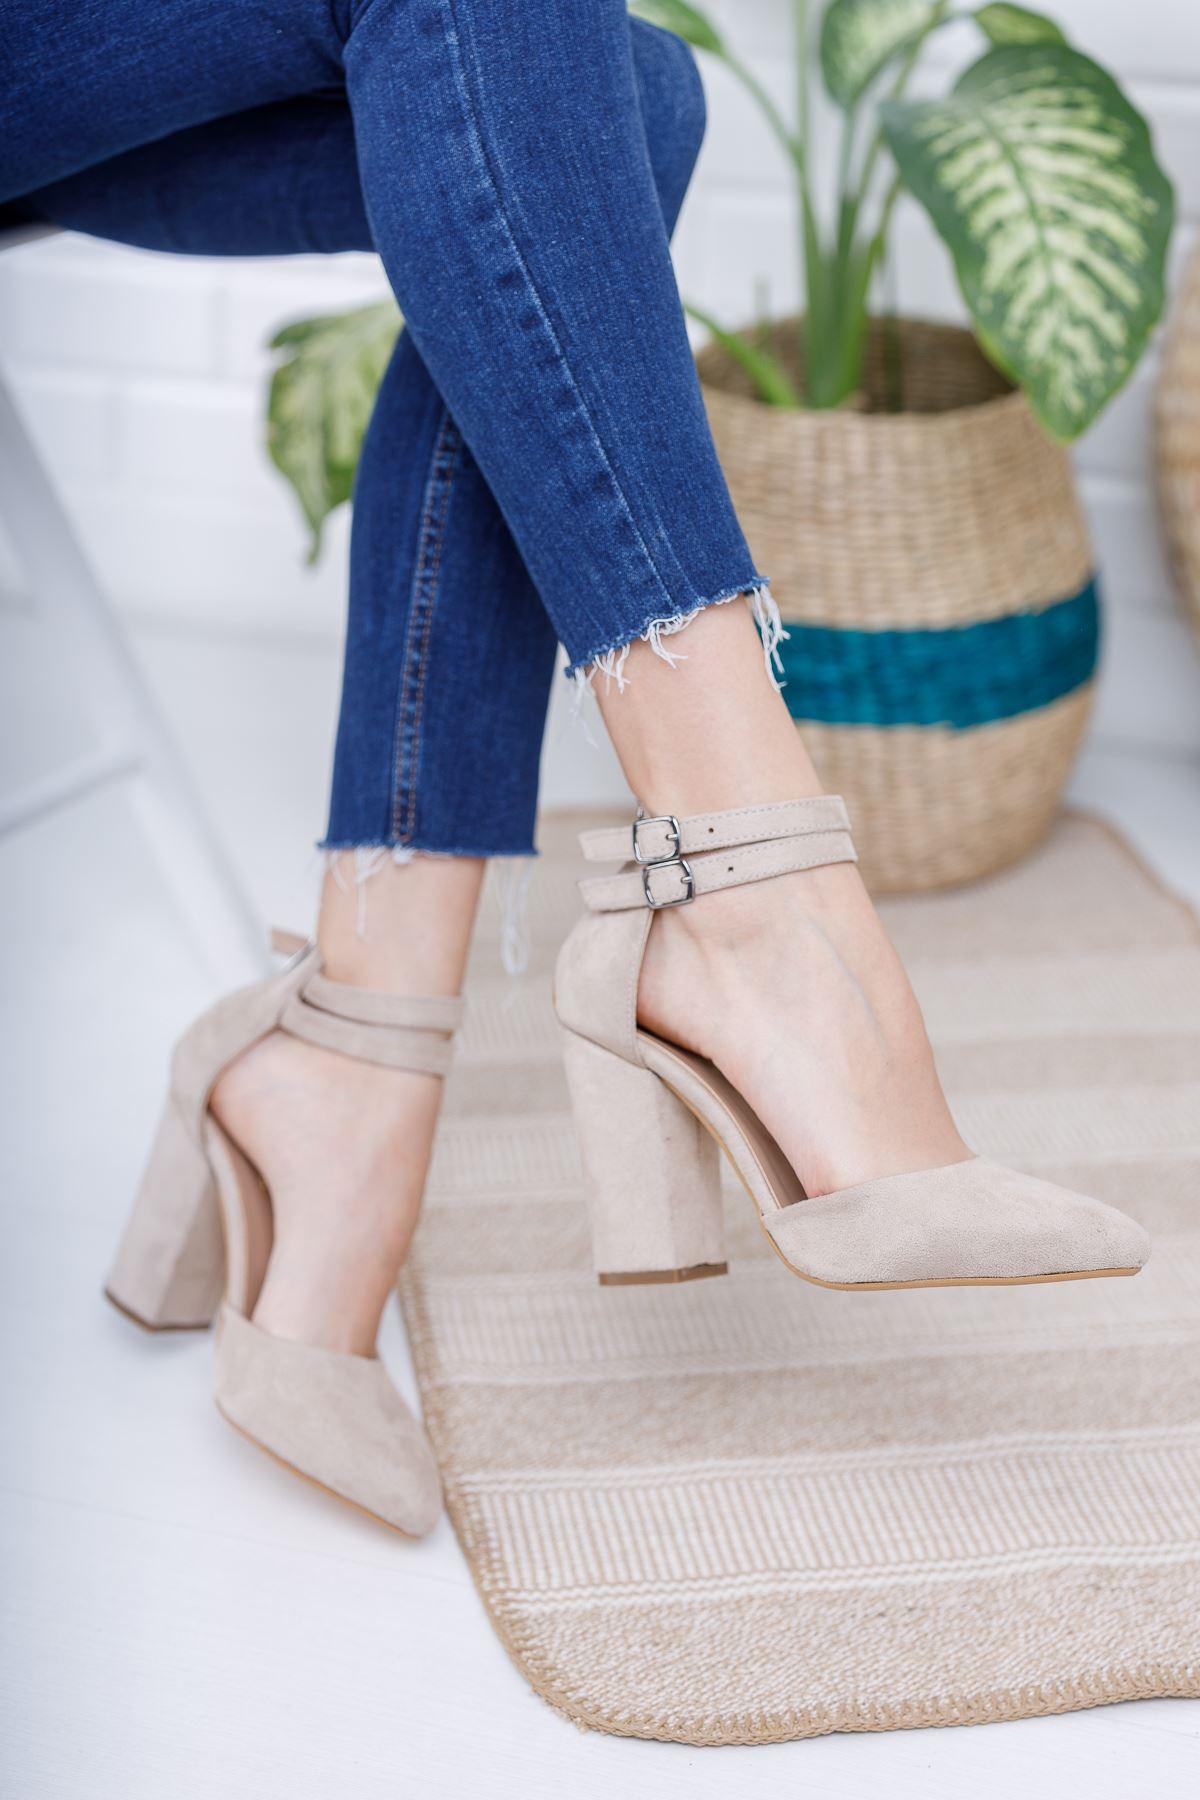 Kadın Papun Çift Toka Detay Kalın Topuklu Ten Süet Ayakkabı